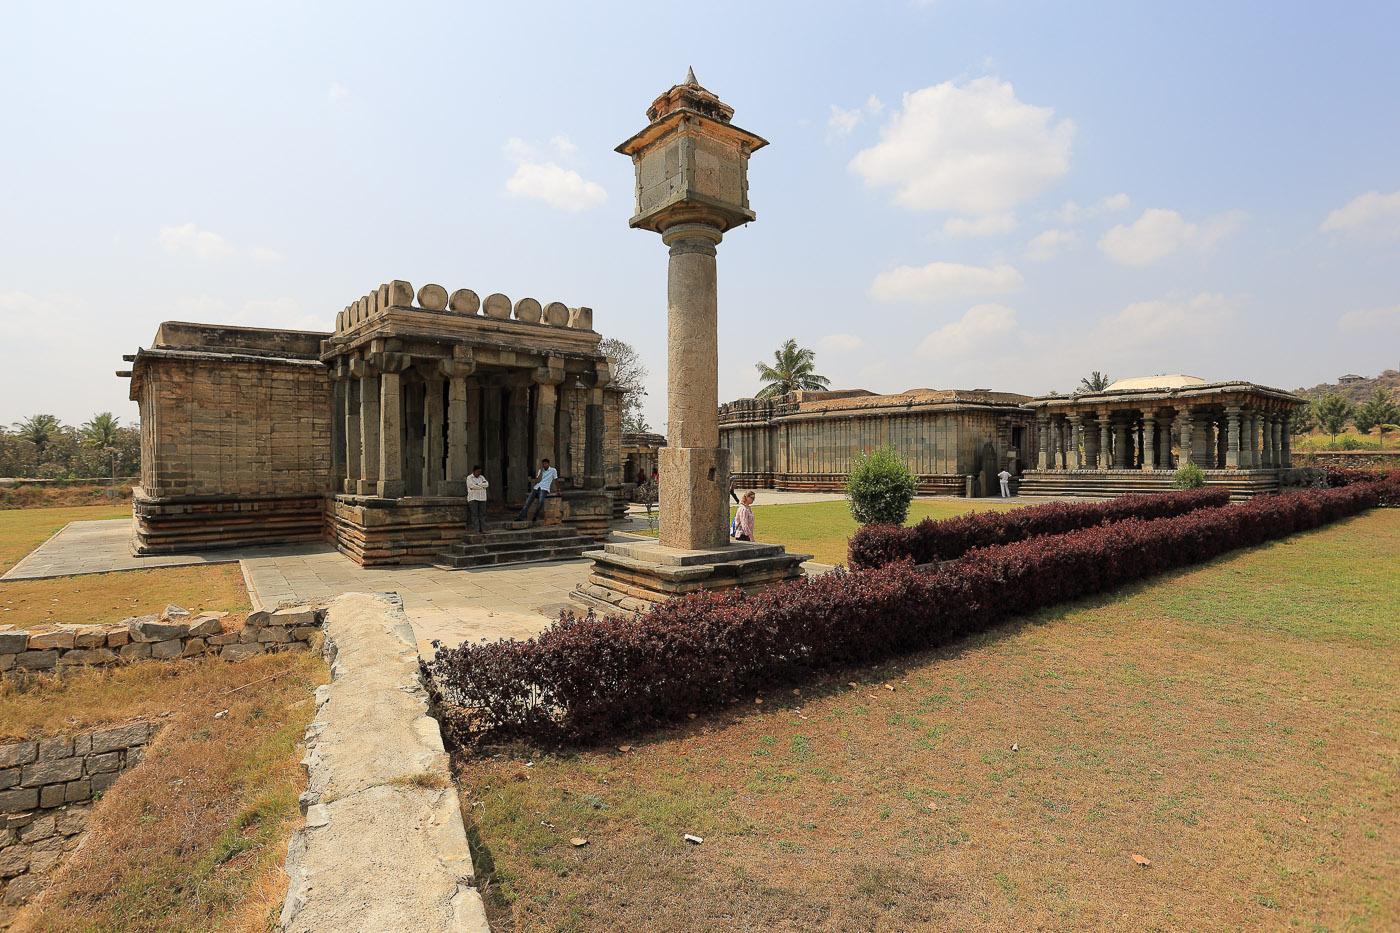 Фотография №11. Halebeedu Basadi Digambar Jain Temples. Поездка на экскурсию в Халебид в штате Карнатака. Отзывы об интересных местах в Индии. (Canon 17-40, 1/200, 0 eV, f 6.3, 17mm, ISO 100).